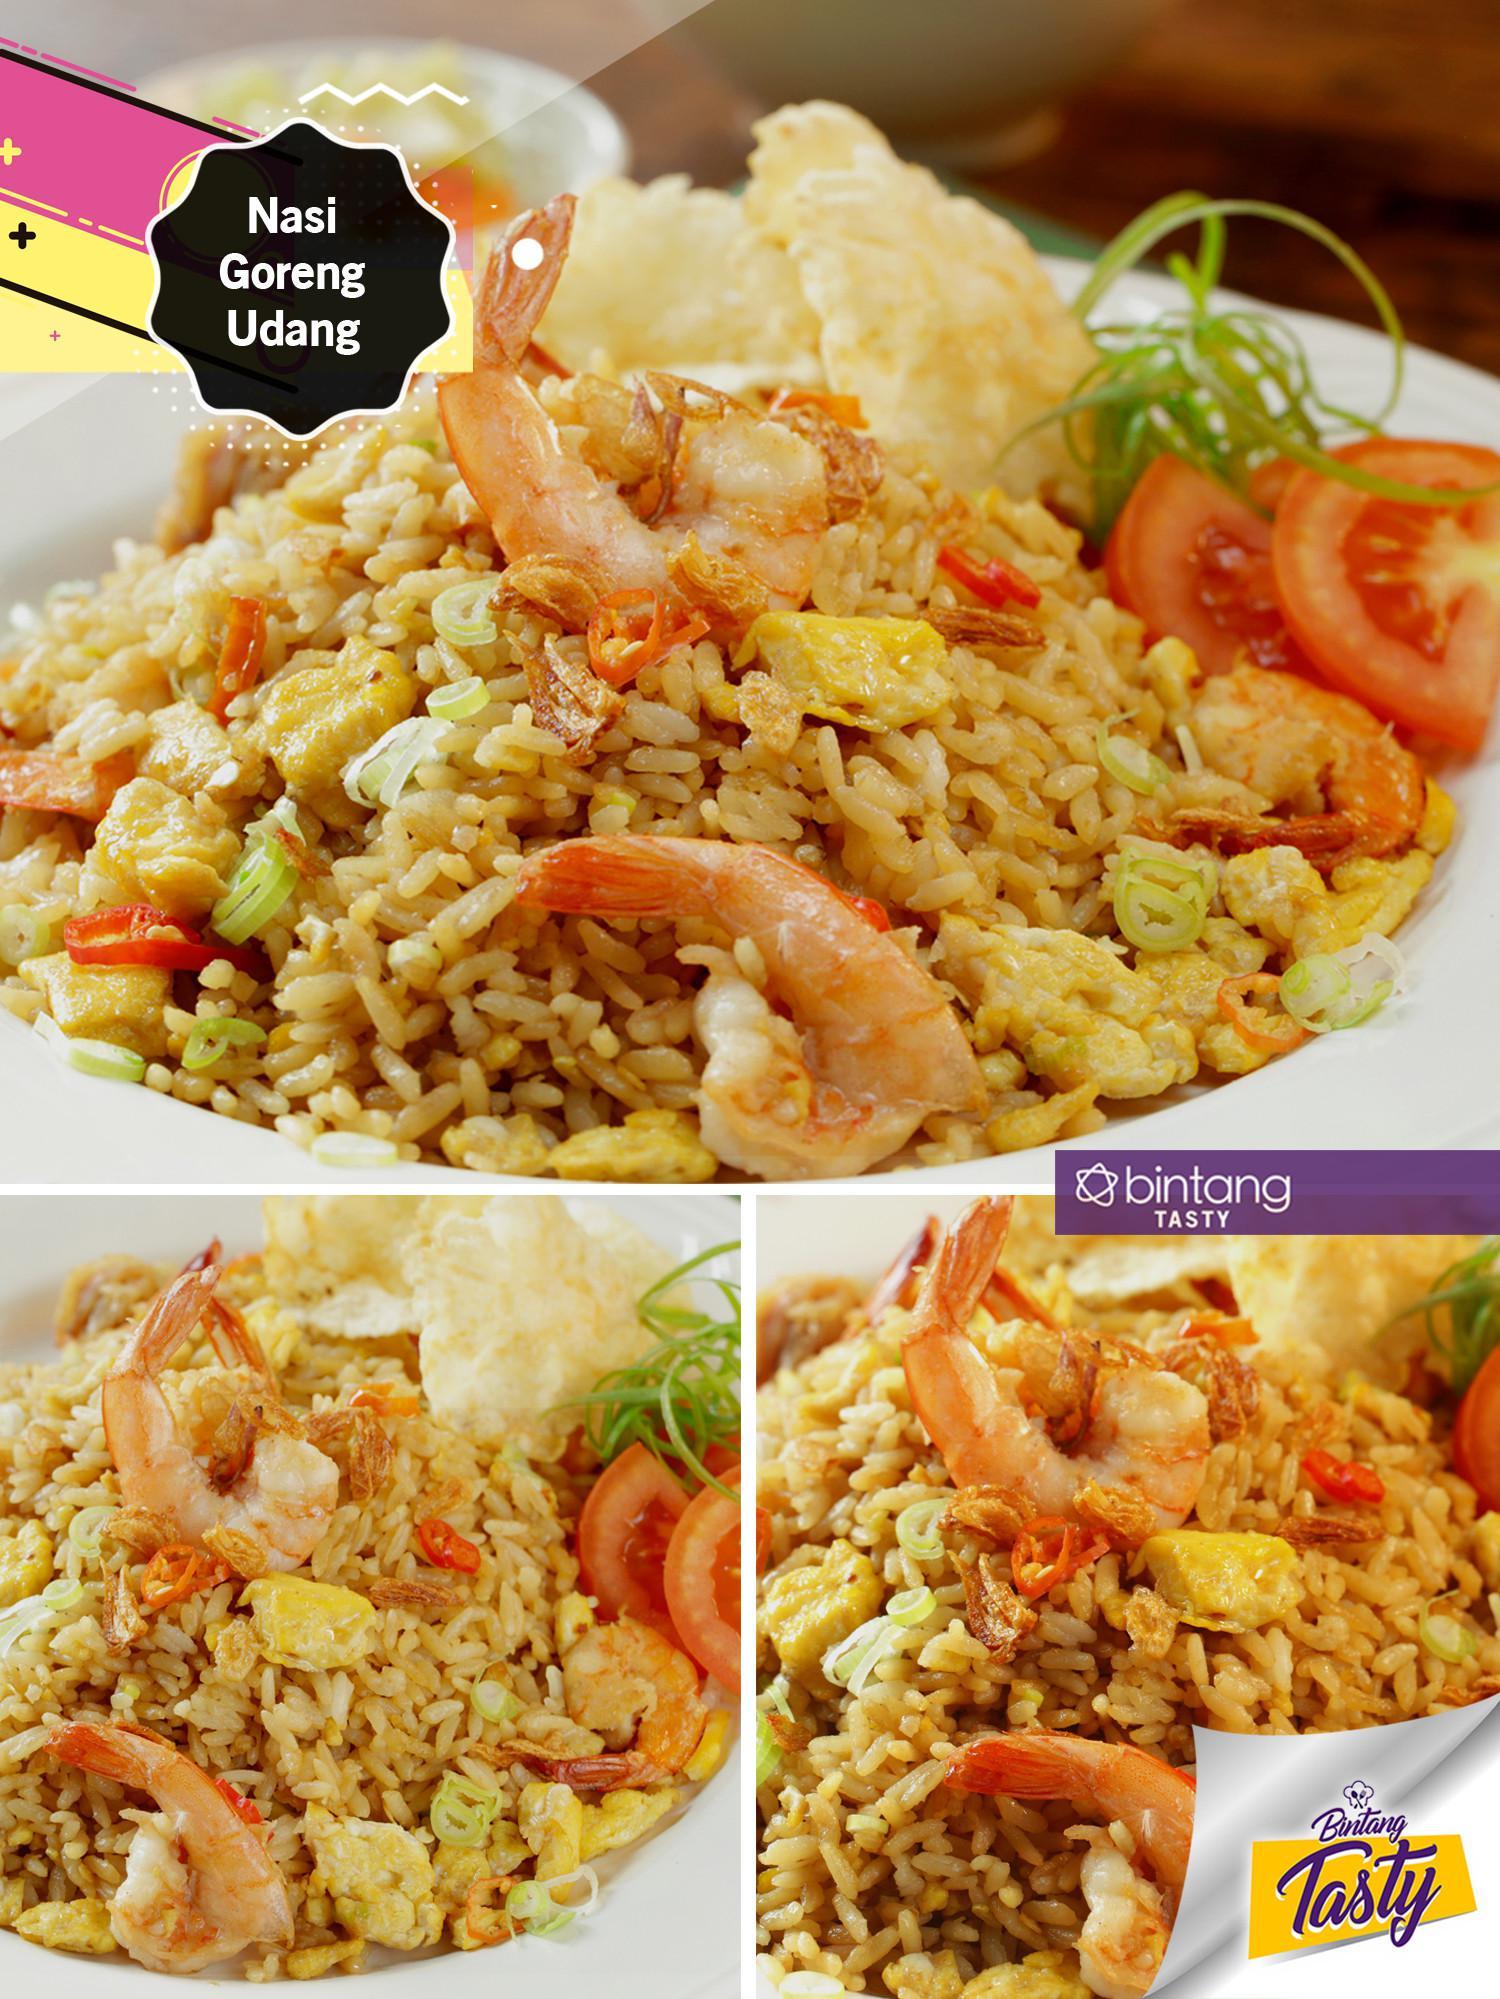 resep nasi goreng vietnam  kartasura Resepi Nasi Goreng Ala Korea Enak dan Mudah